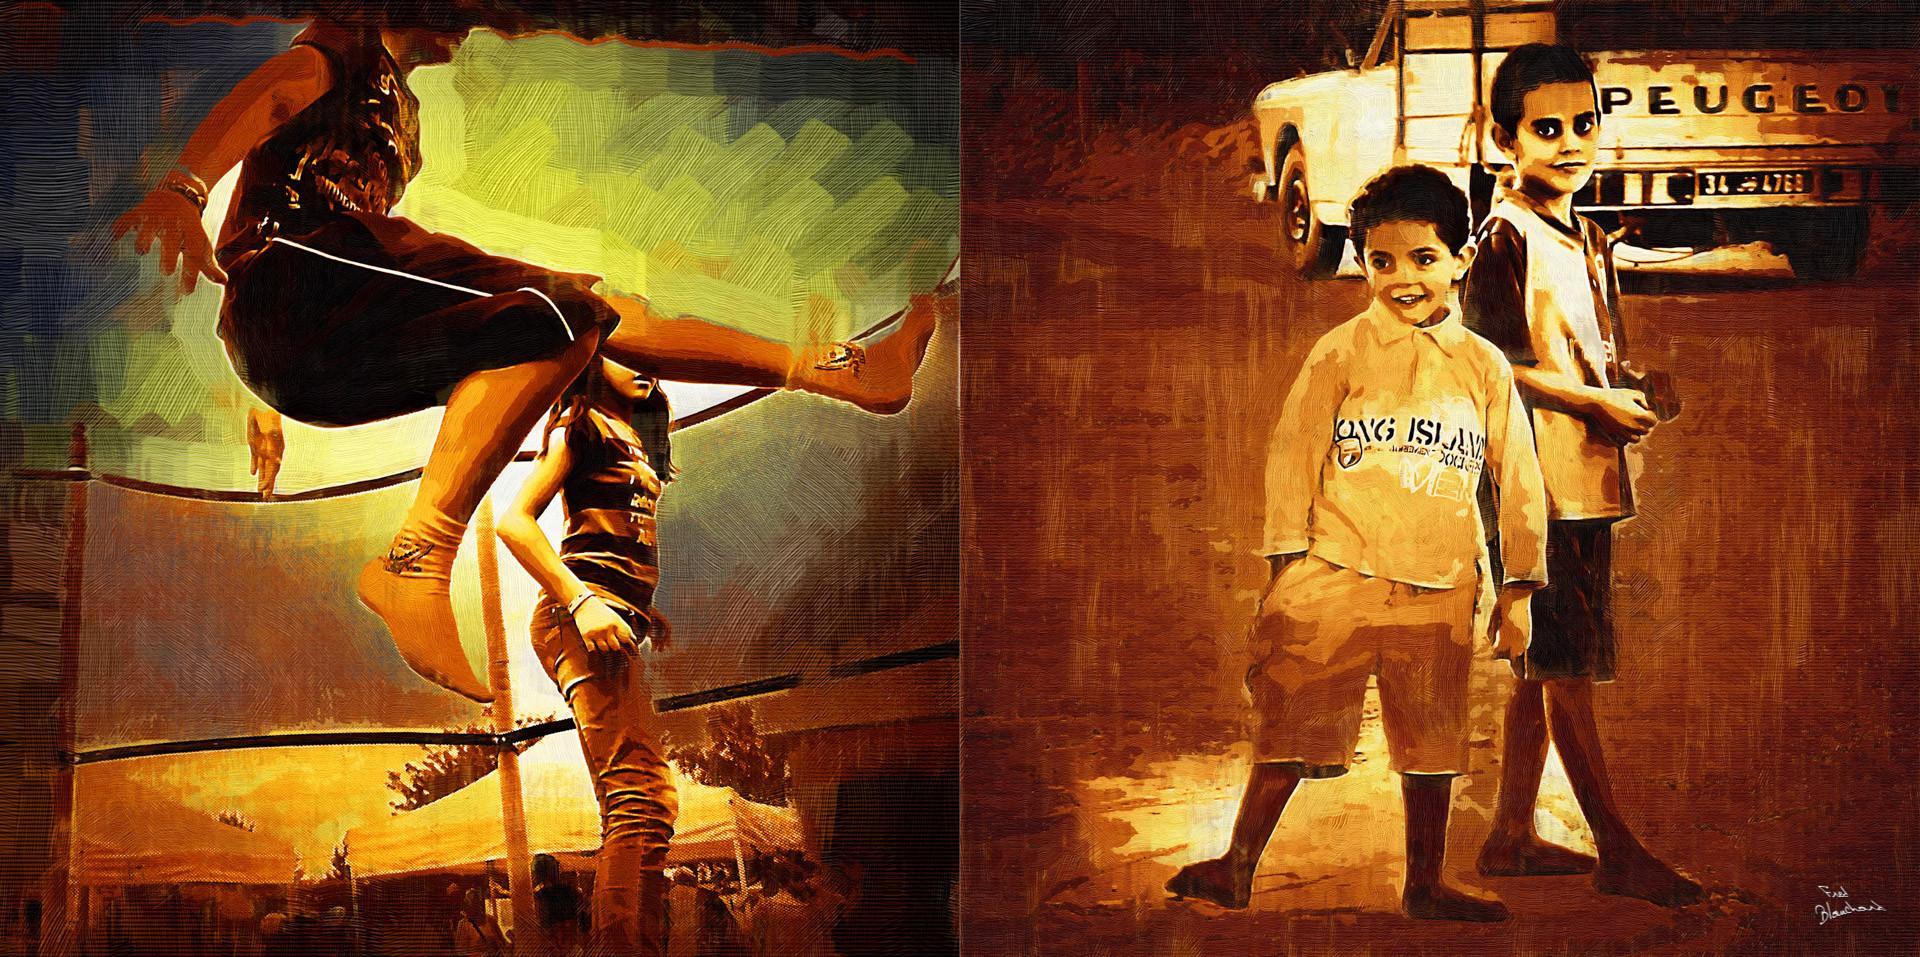 enfants riches vs enfants pauvres